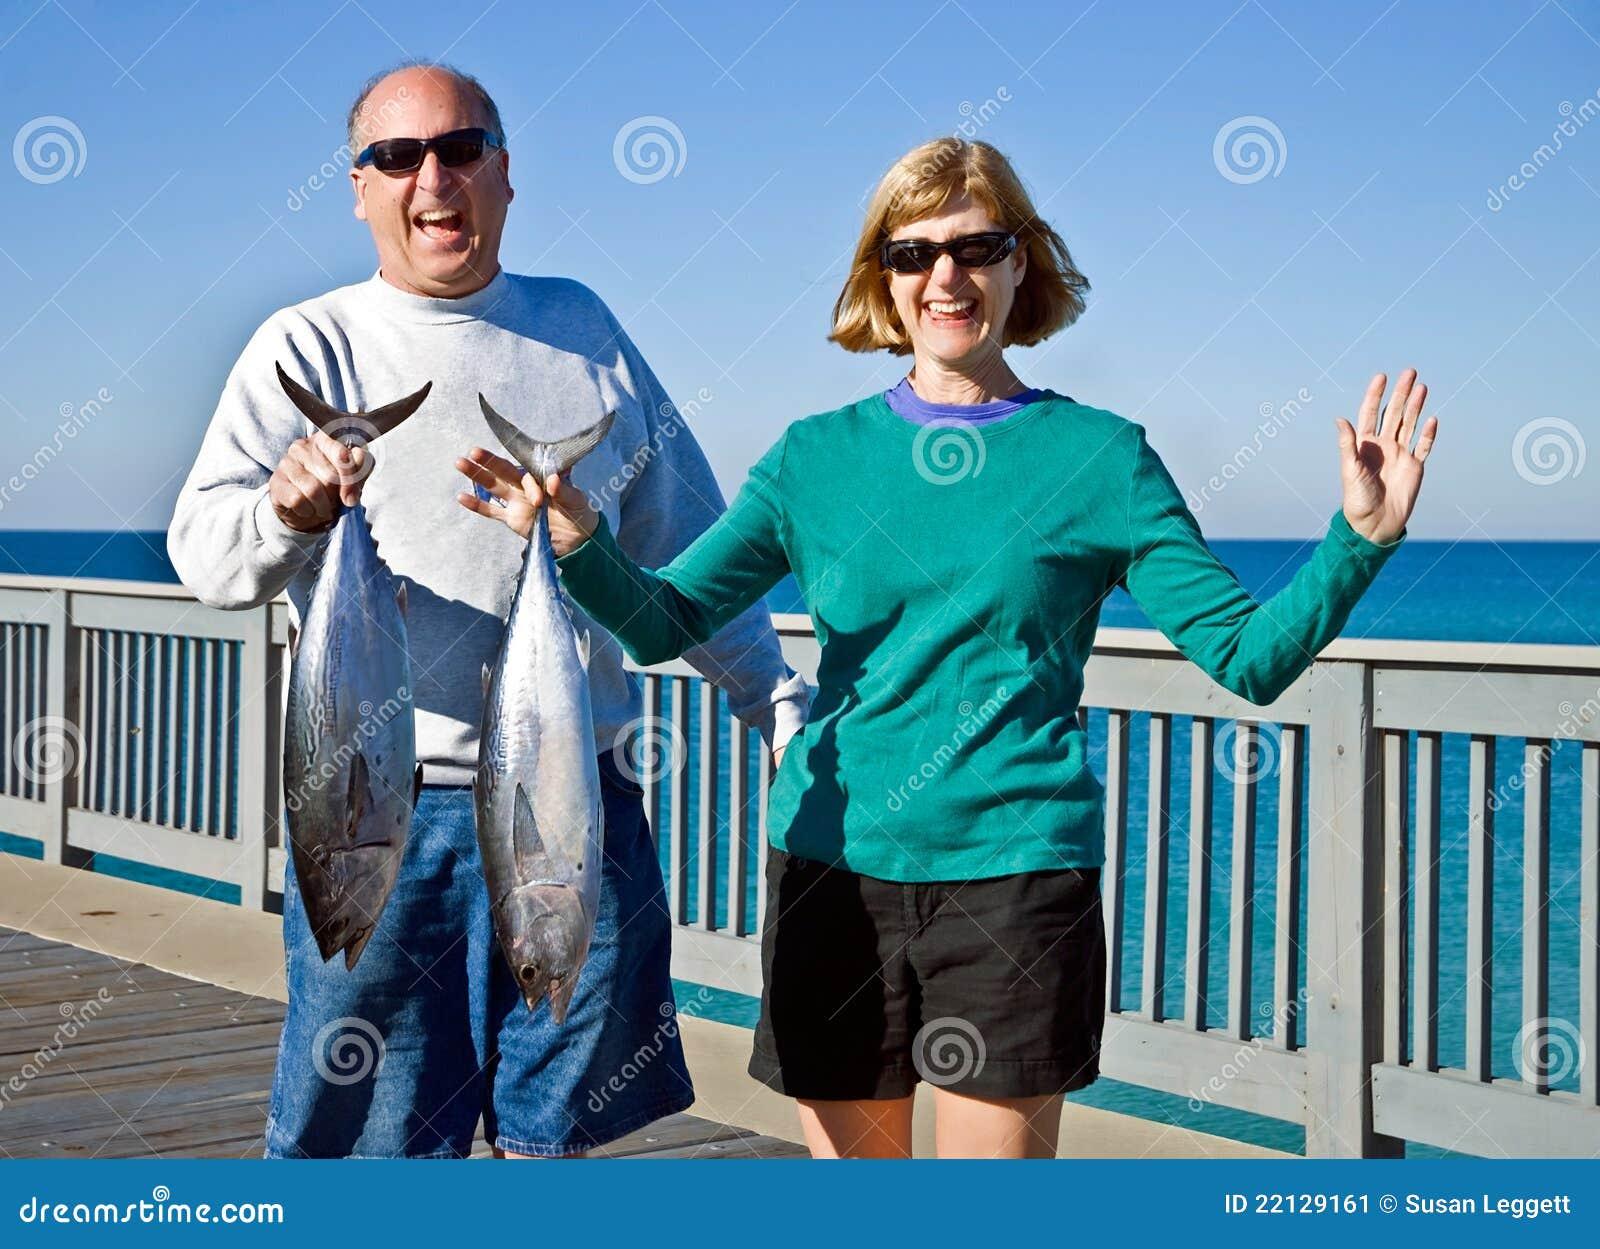 Homem e mulher com peixes